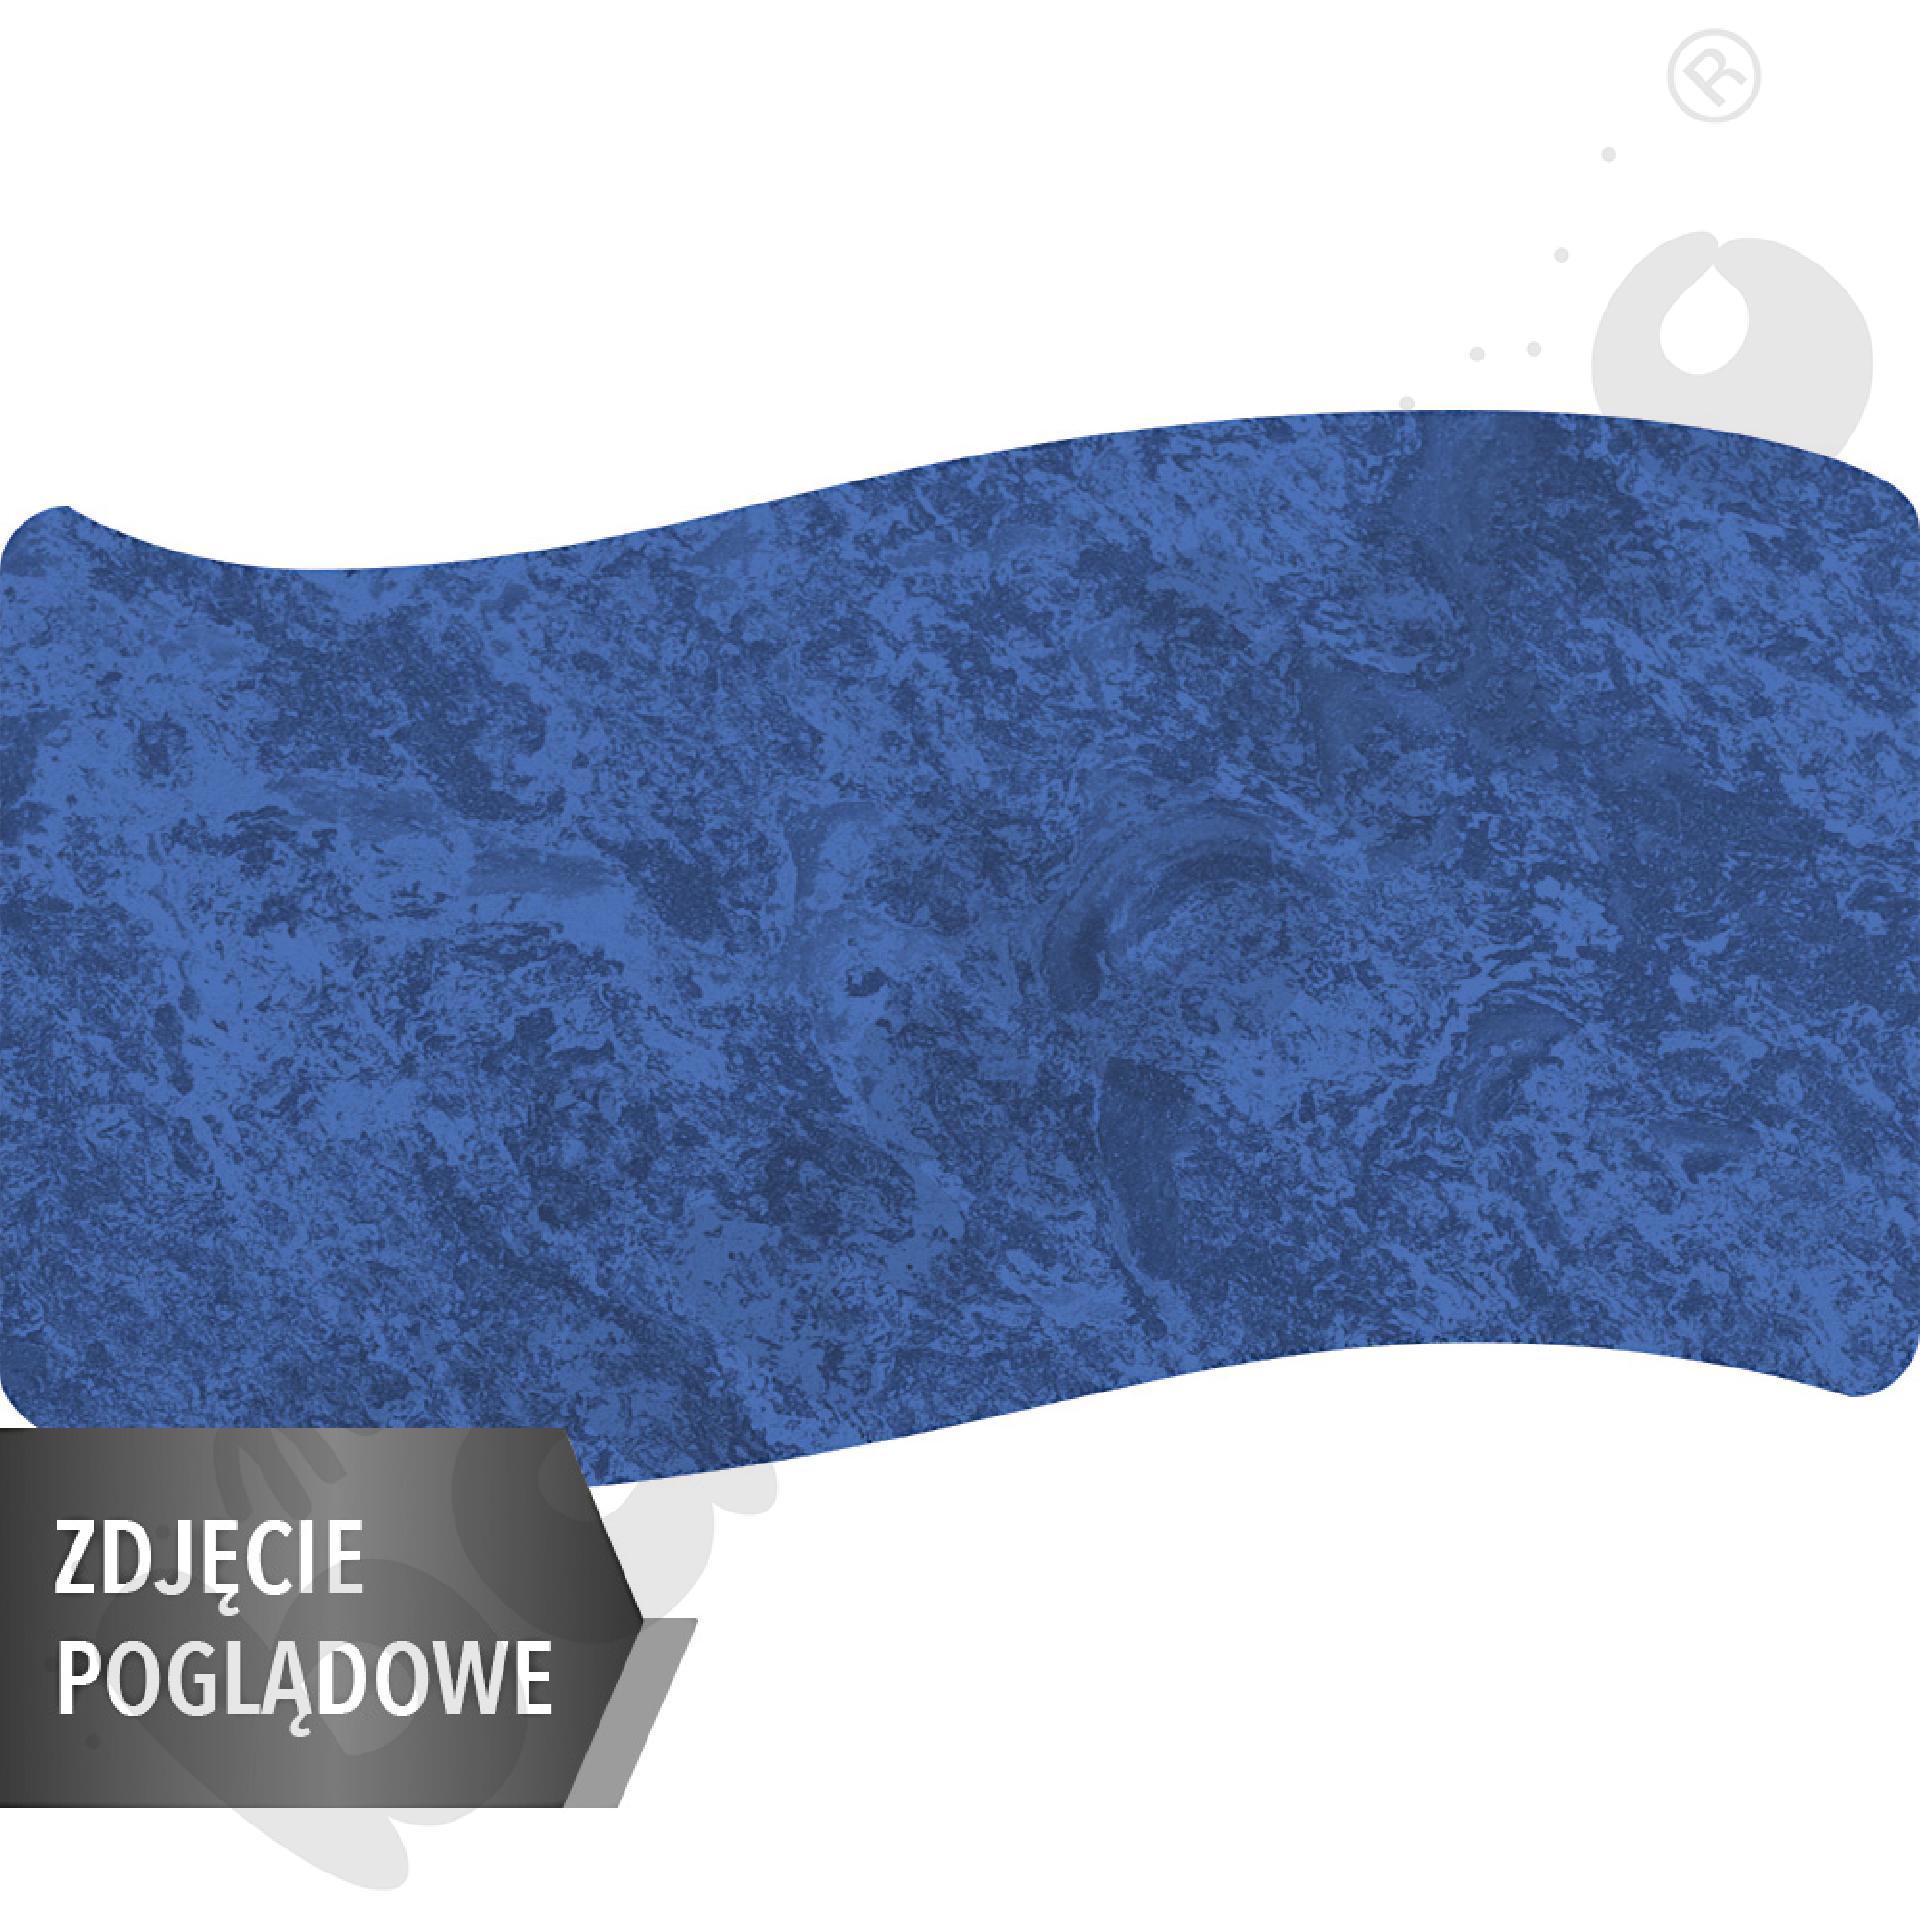 Cichy stół falisty duży, 140 x 72 cm, zaokrąglone narożniki, rozm. 2 - niebieski